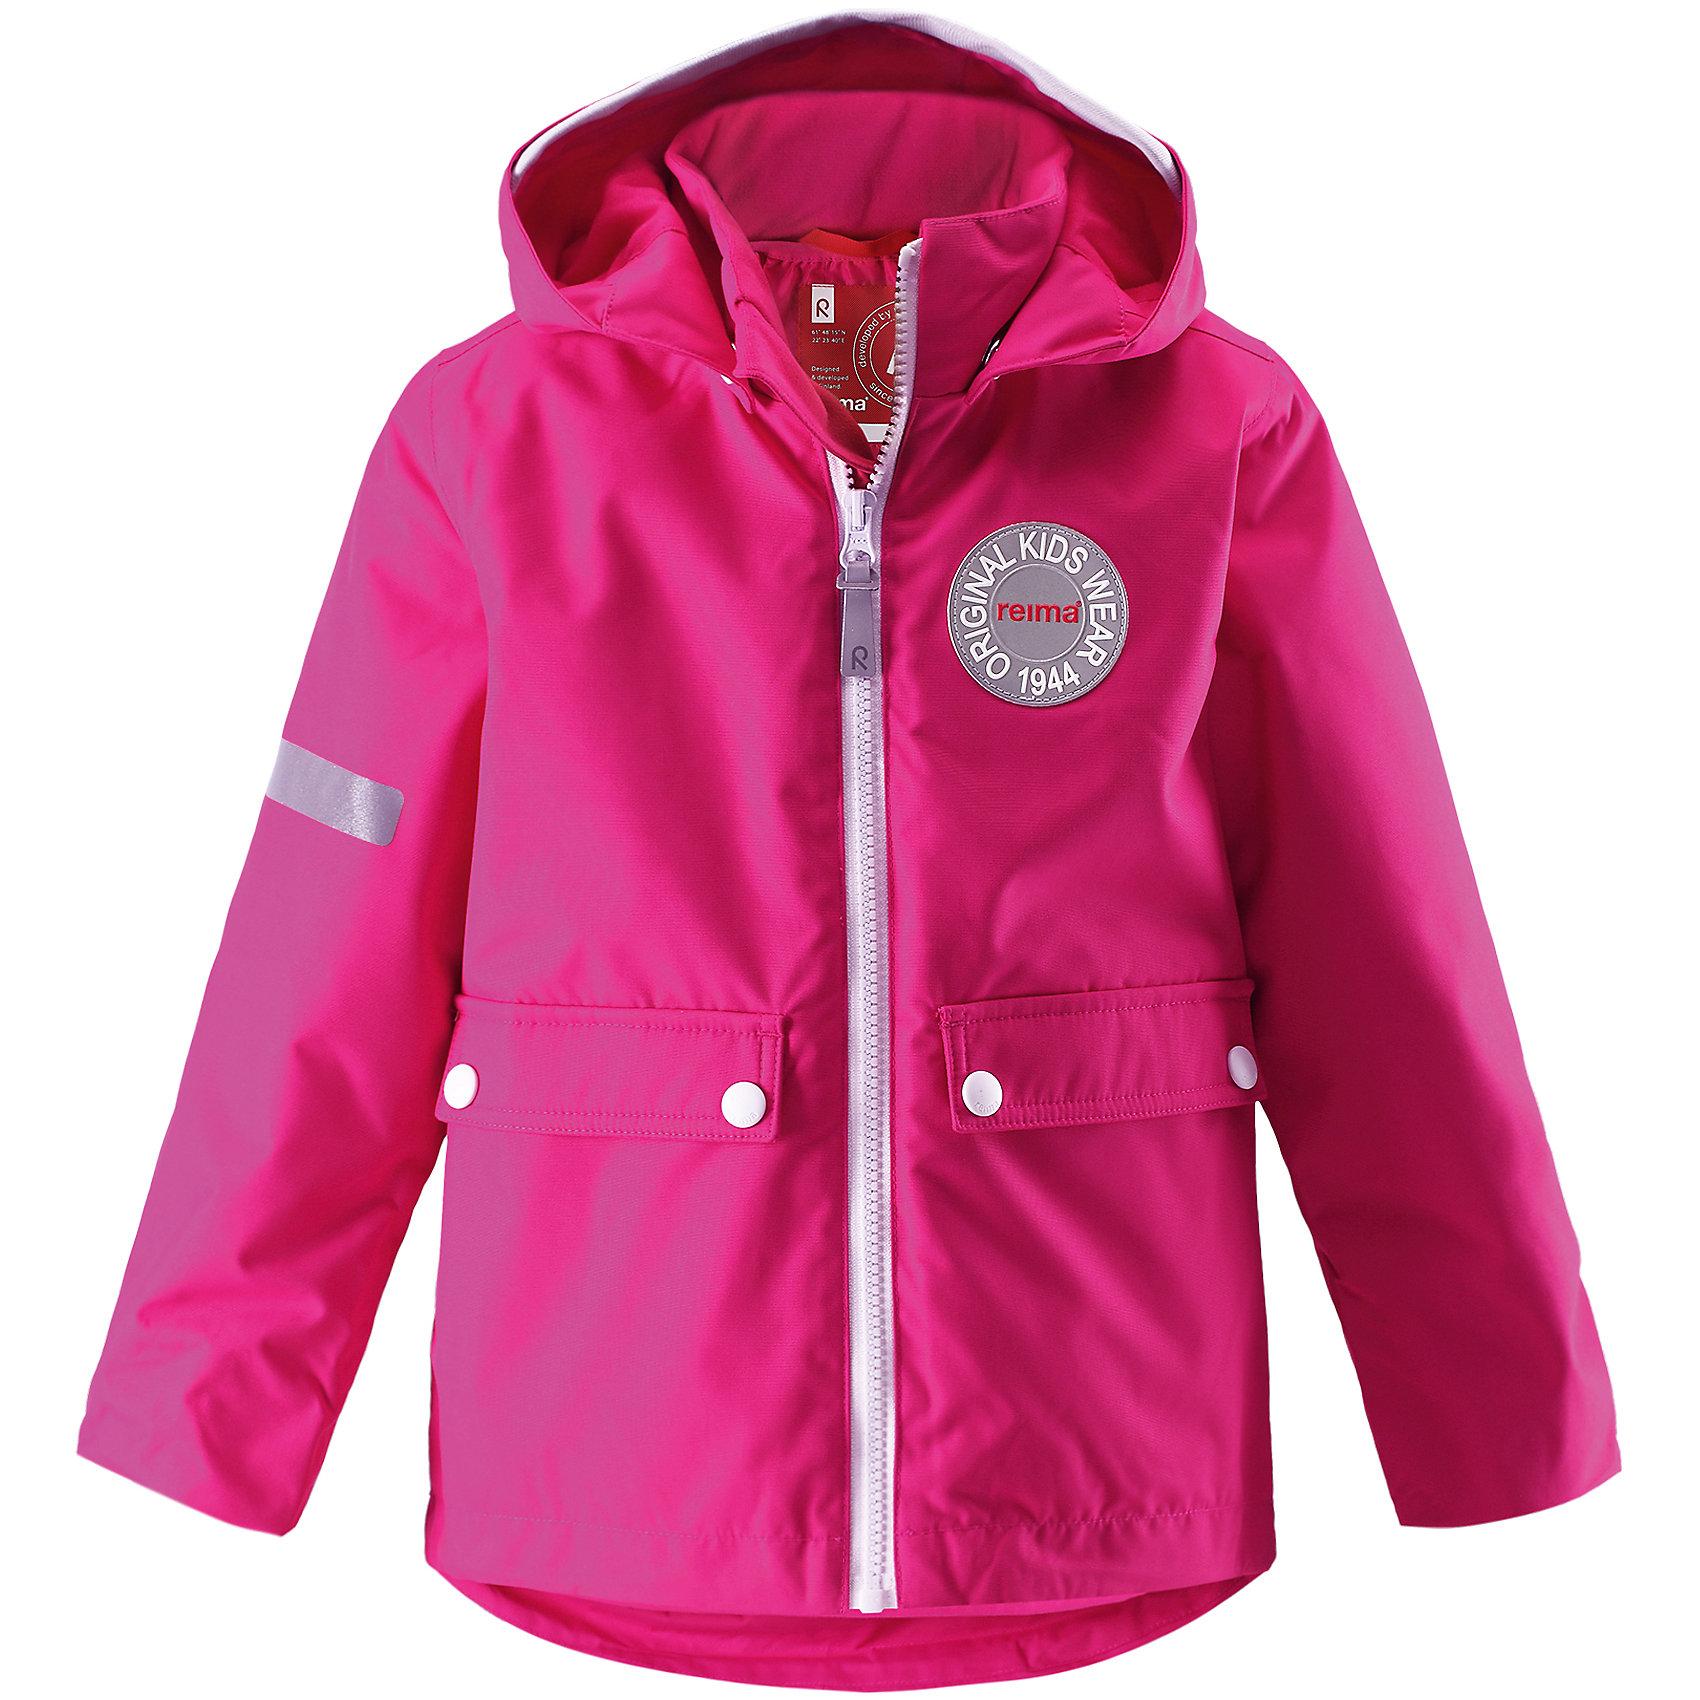 Куртка Taag для девочки ReimaОдежда<br>Куртка  Reima<br>Зимняя куртка для детей. Основные швы проклеены и не пропускают влагу. Водо- и ветронепроницаемый, «дышащий» и грязеотталкивающий материал. Съемная стеганная подкладка. Безопасный, съемный капюшон. Мягкая резинка на кромке капюшона и манжетах. Регулируемый подол. Два кармана с клапанами.<br>Утеплитель: Reima® Soft Loft insulation,160 g<br>Уход:<br>Стирать по отдельности, вывернув наизнанку. Застегнуть молнии и липучки. Стирать моющим средством, не содержащим отбеливающие вещества. Полоскать без специального средства. Во избежание изменения цвета изделие необходимо вынуть из стиральной машинки незамедлительно после окончания программы стирки. Сушить при низкой температуре. <br>Состав:<br>100% Полиамид, полиуретановое покрытие<br><br>Ширина мм: 356<br>Глубина мм: 10<br>Высота мм: 245<br>Вес г: 519<br>Цвет: розовый<br>Возраст от месяцев: 60<br>Возраст до месяцев: 72<br>Пол: Женский<br>Возраст: Детский<br>Размер: 116,98,122,140,104,110,134,92,128<br>SKU: 4777916